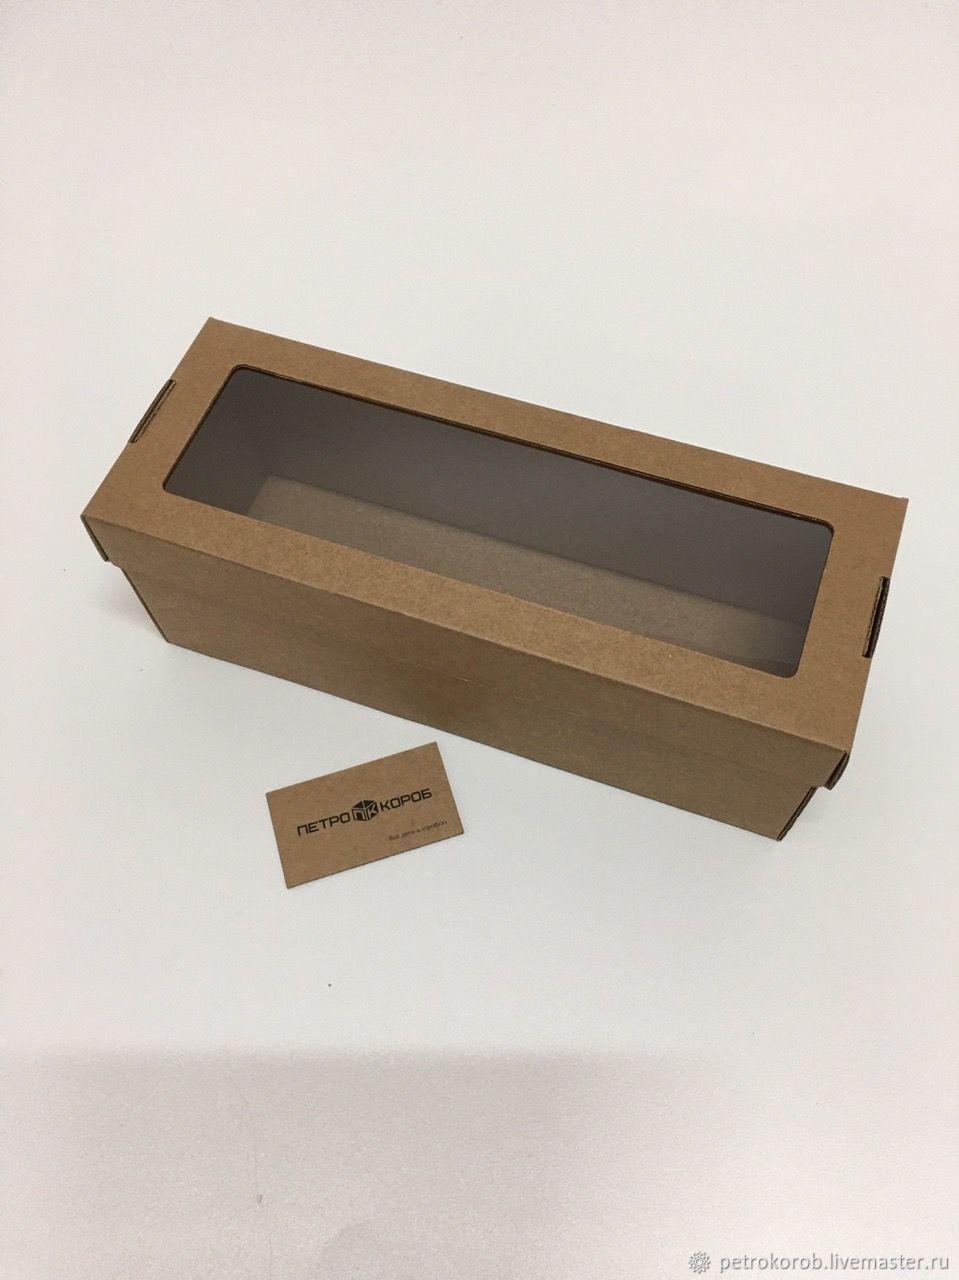 33х12х12см Самособорная коробка бурая, Коробки, Санкт-Петербург,  Фото №1